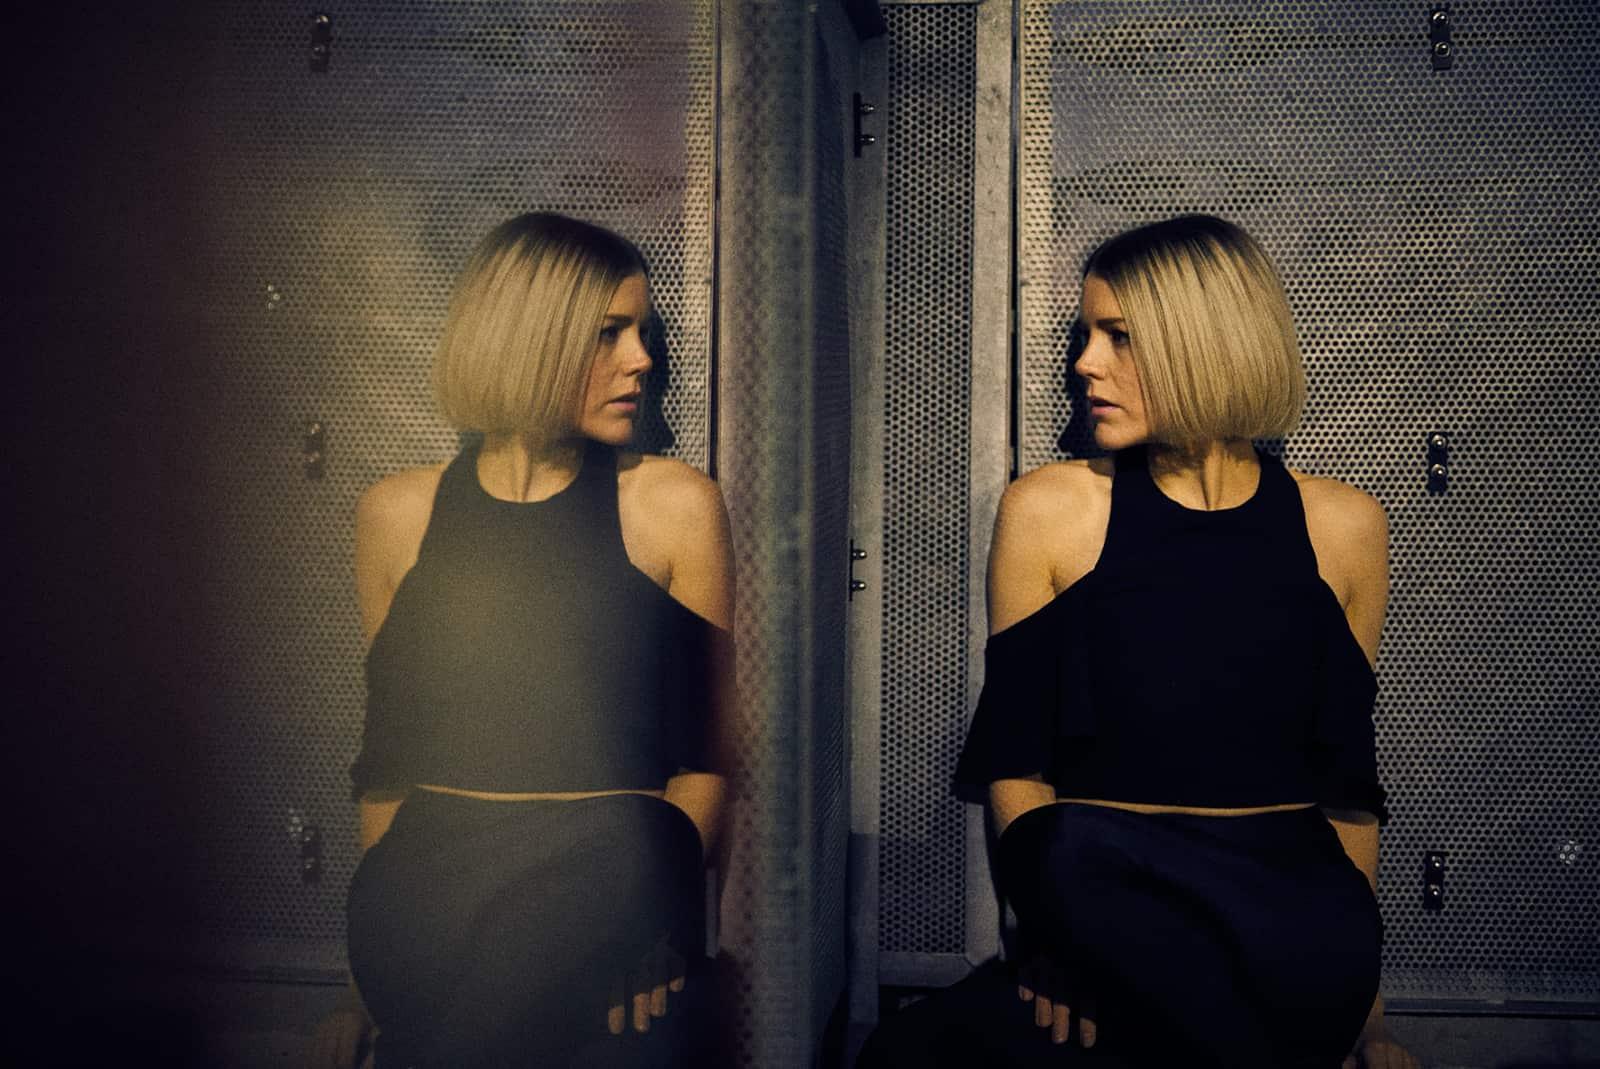 eine Frau, die sich nachdenklich im Spiegel ansieht